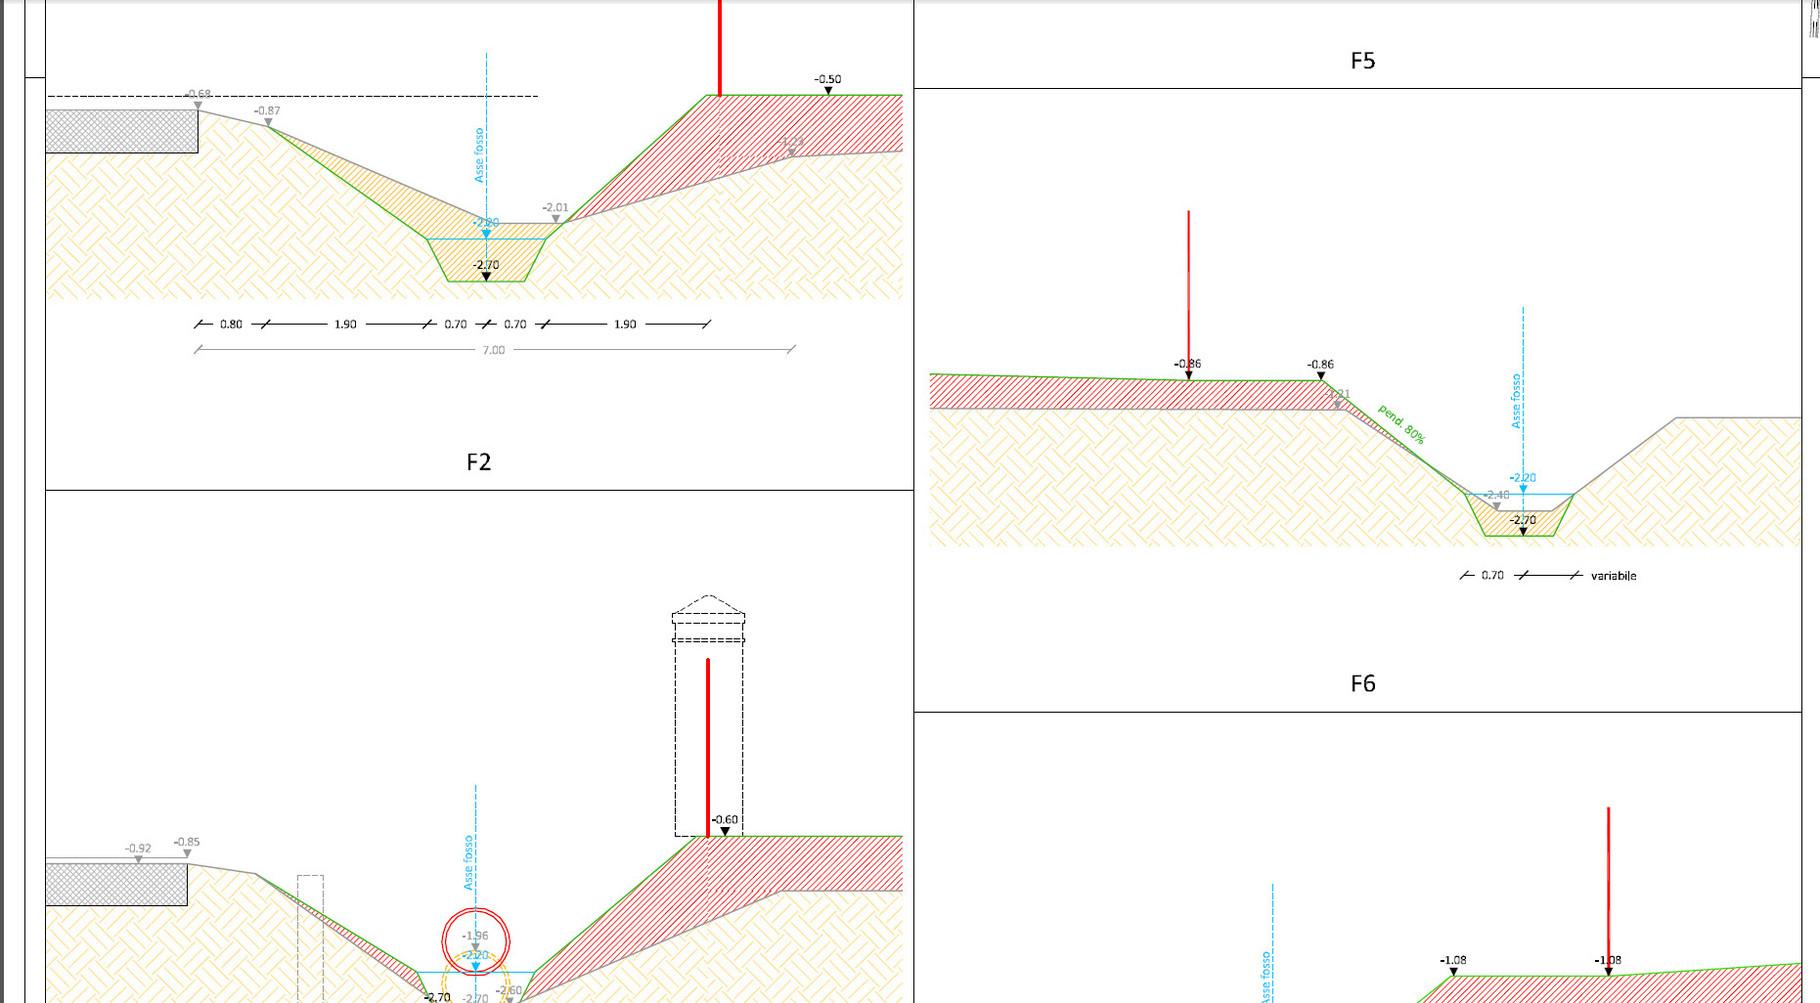 Sezioni movimenti terra